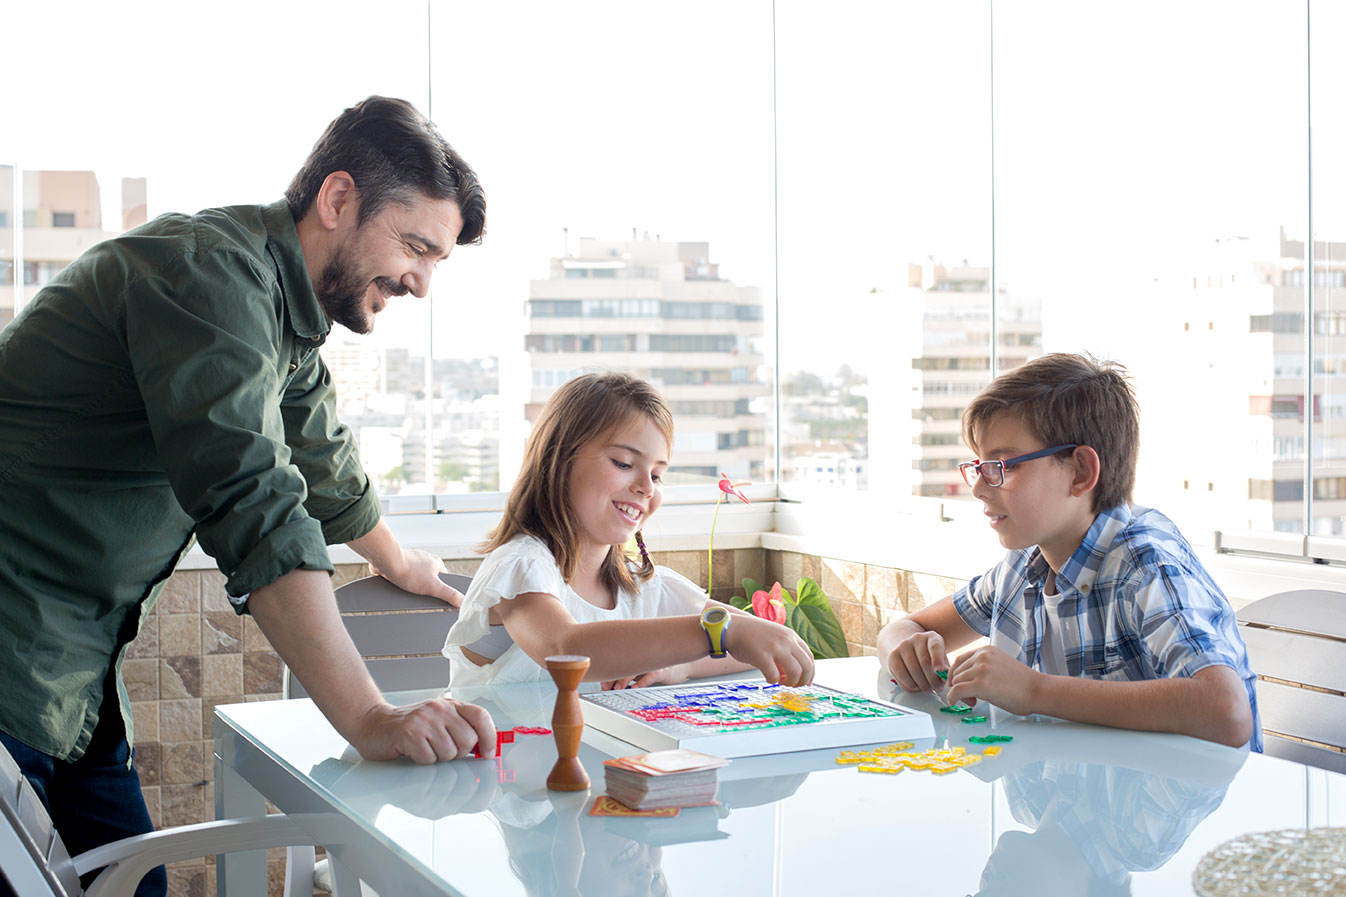 Jugar en la terraza en familia